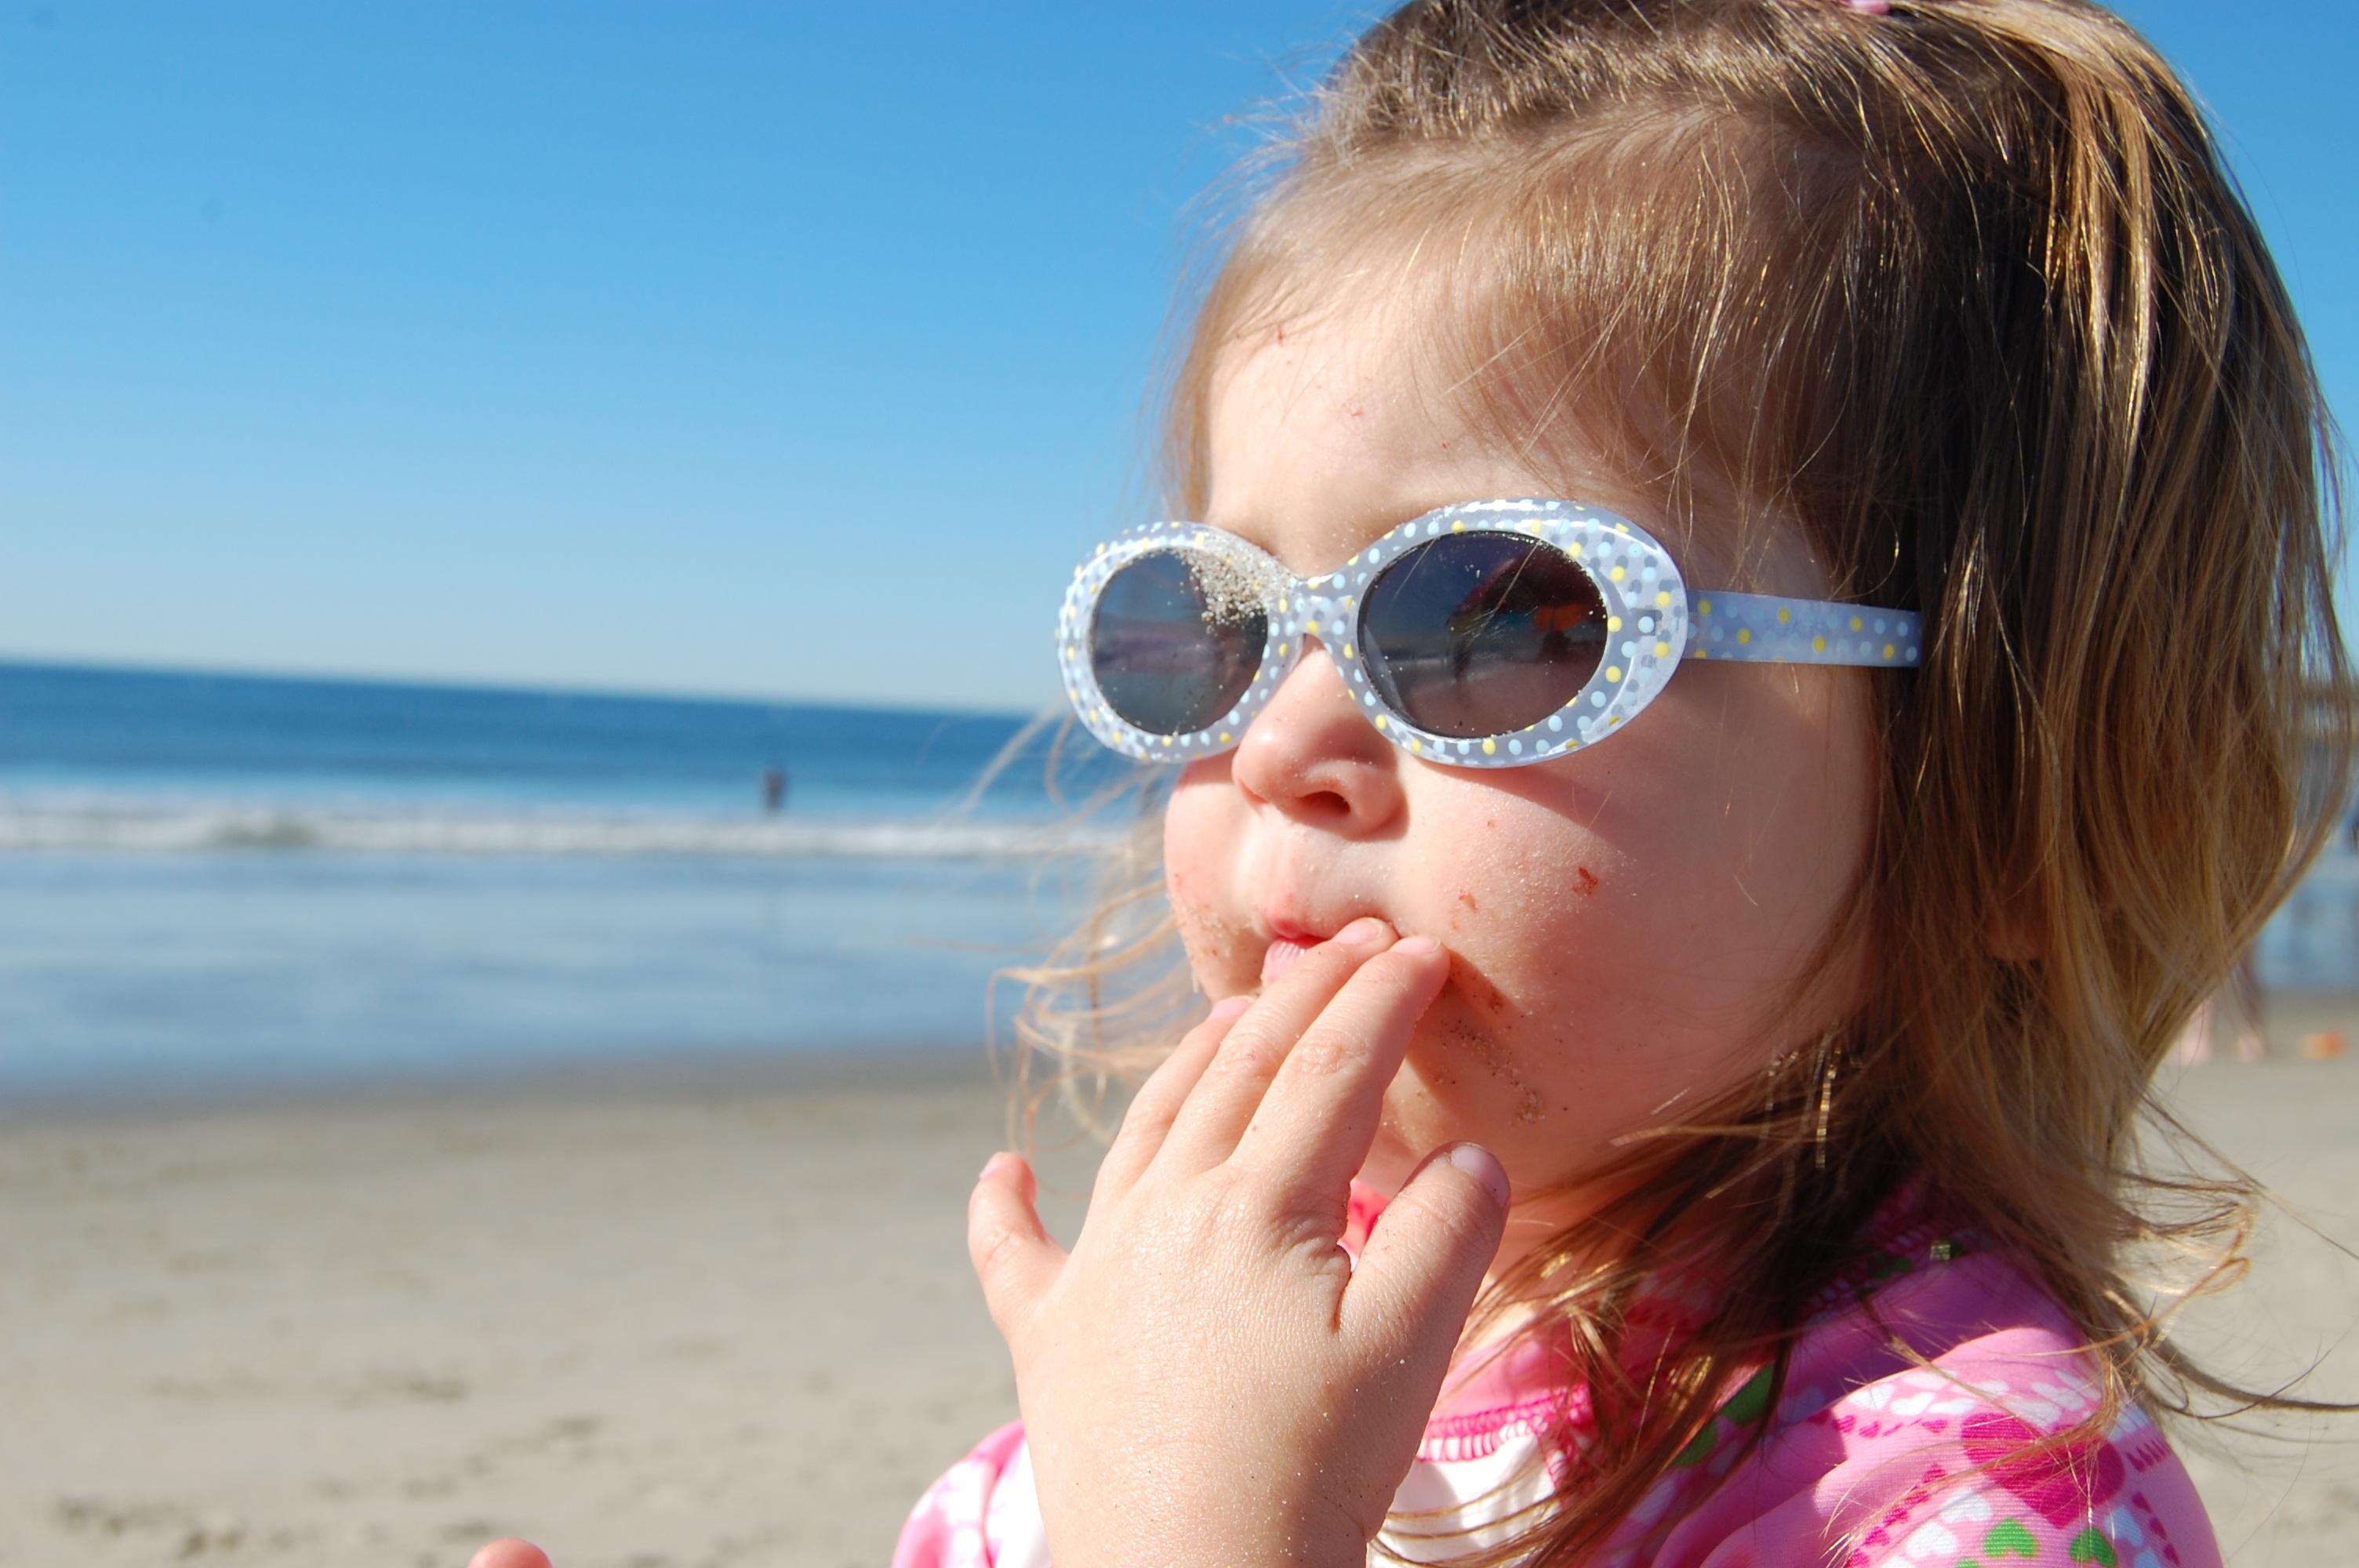 21c61c2303 ... vacances, portrait, Jeune, enfant, loisir, Expression faciale, sourire,  corps humain, de bonne humeur, visage, nez, amusement, des lunettes de  soleil, ...